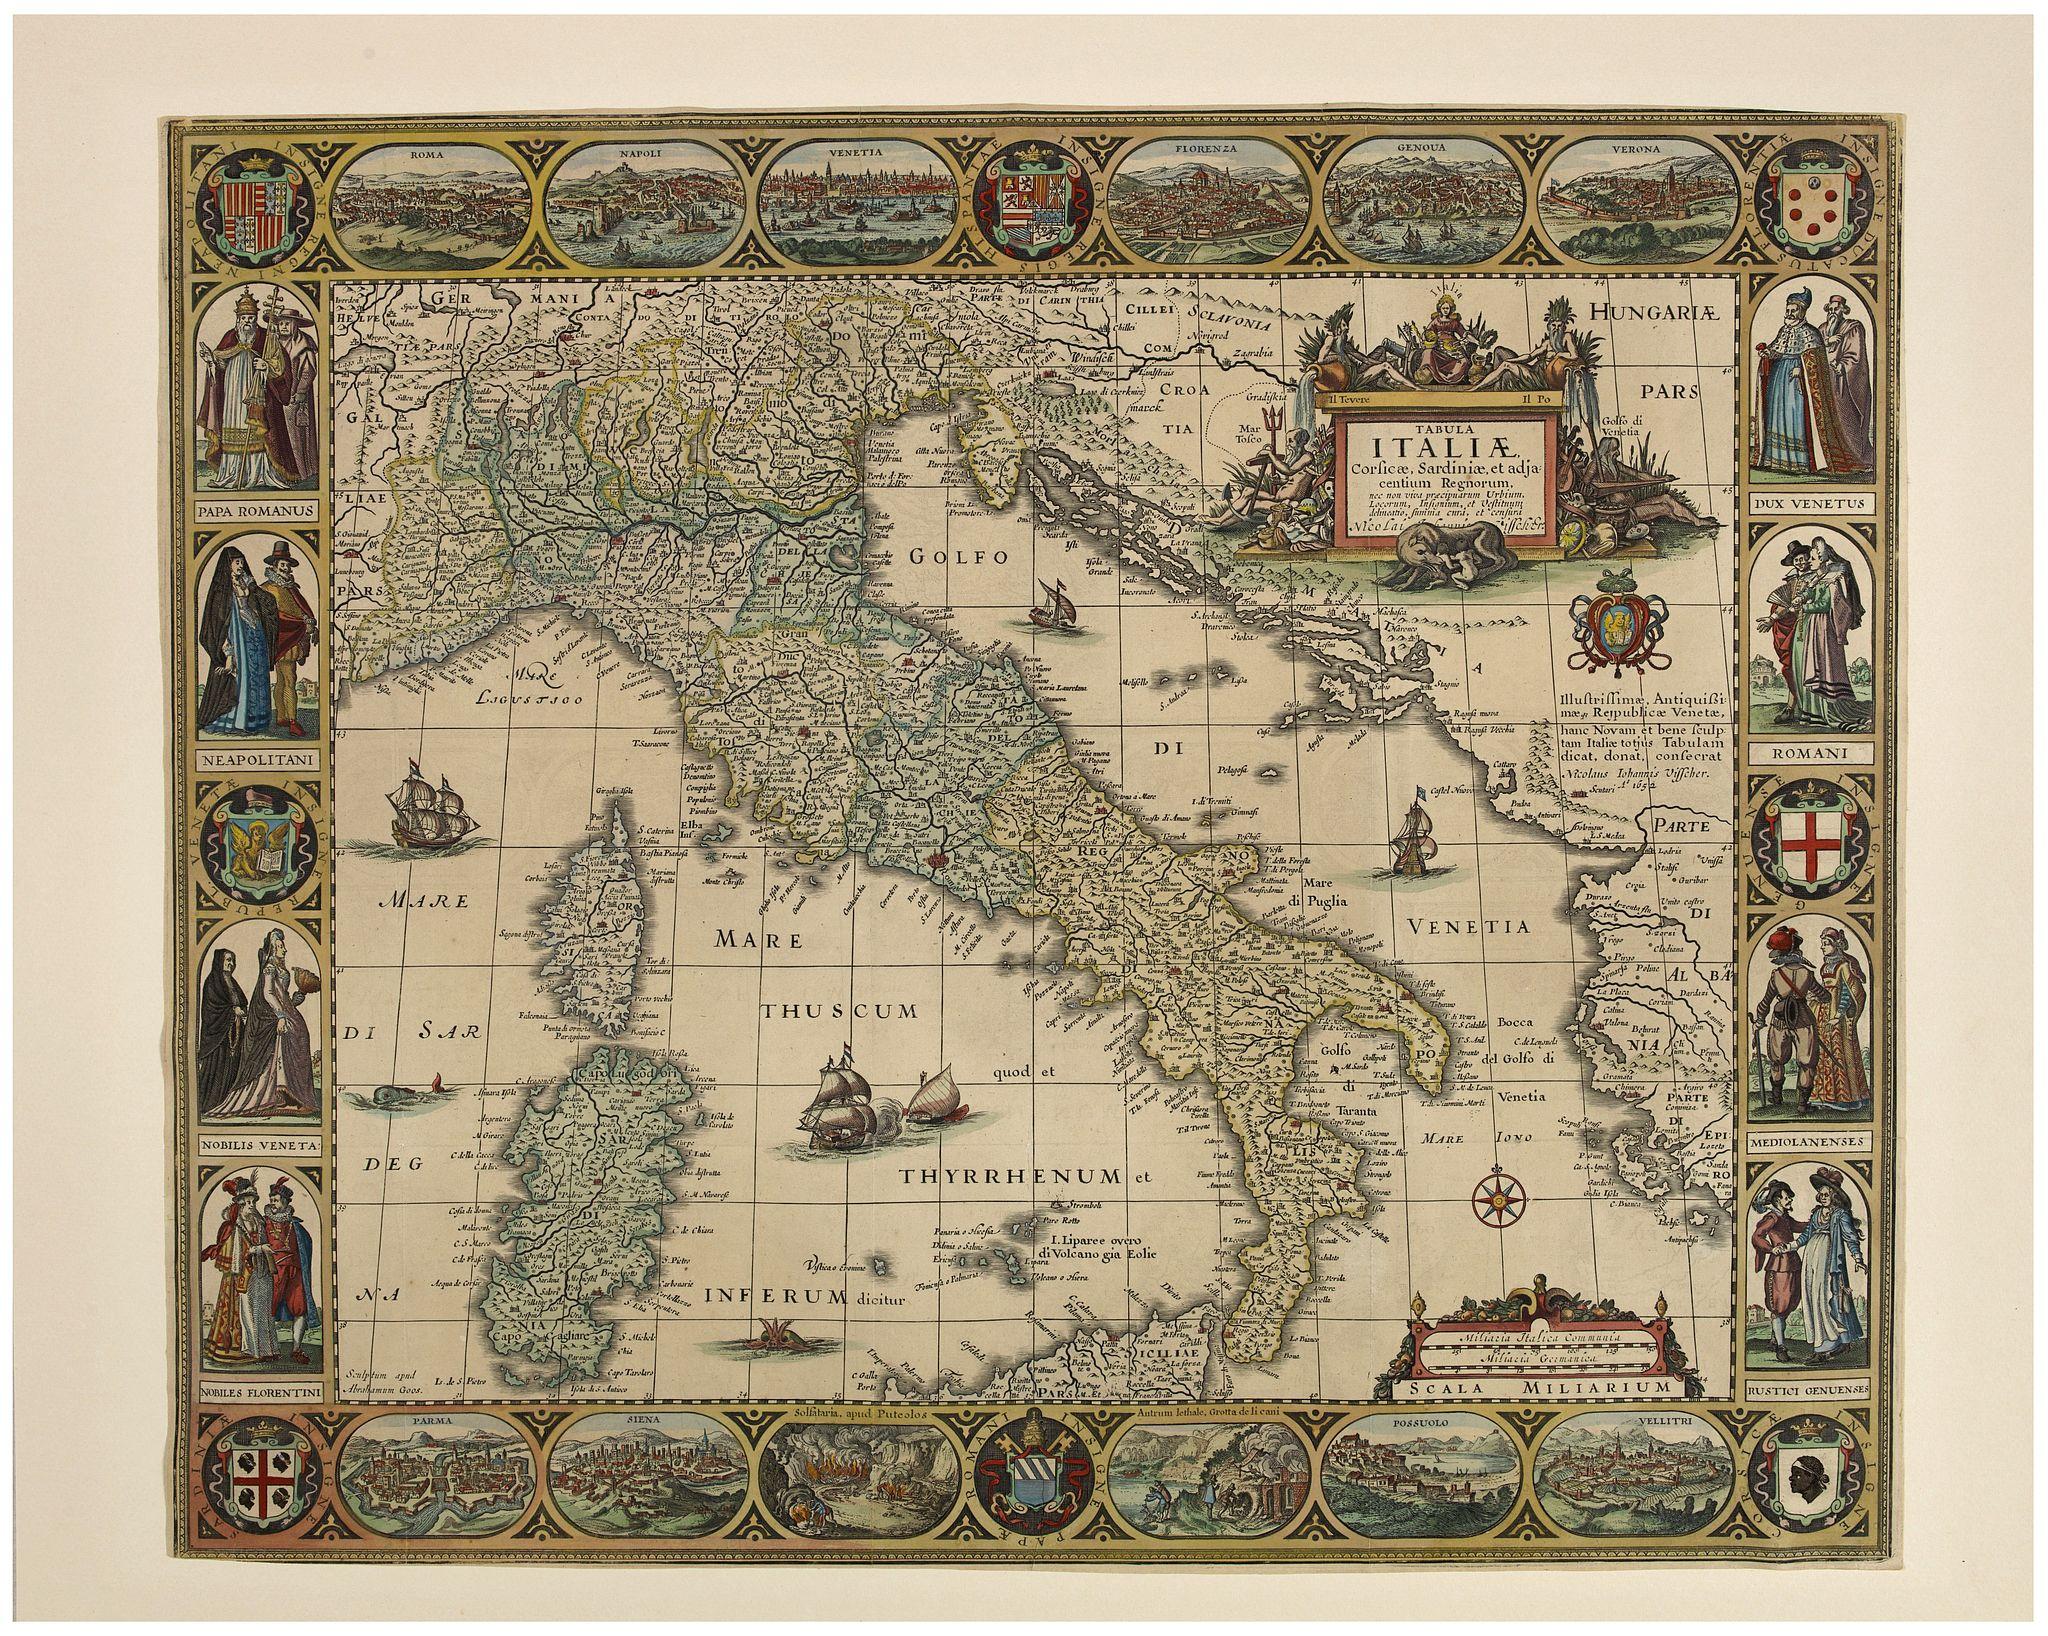 VISSCHER, Claes Jansz. -  Tabula Italiae, Corsicae, Sardiniae et adjacentium Regnorum. A°1652.